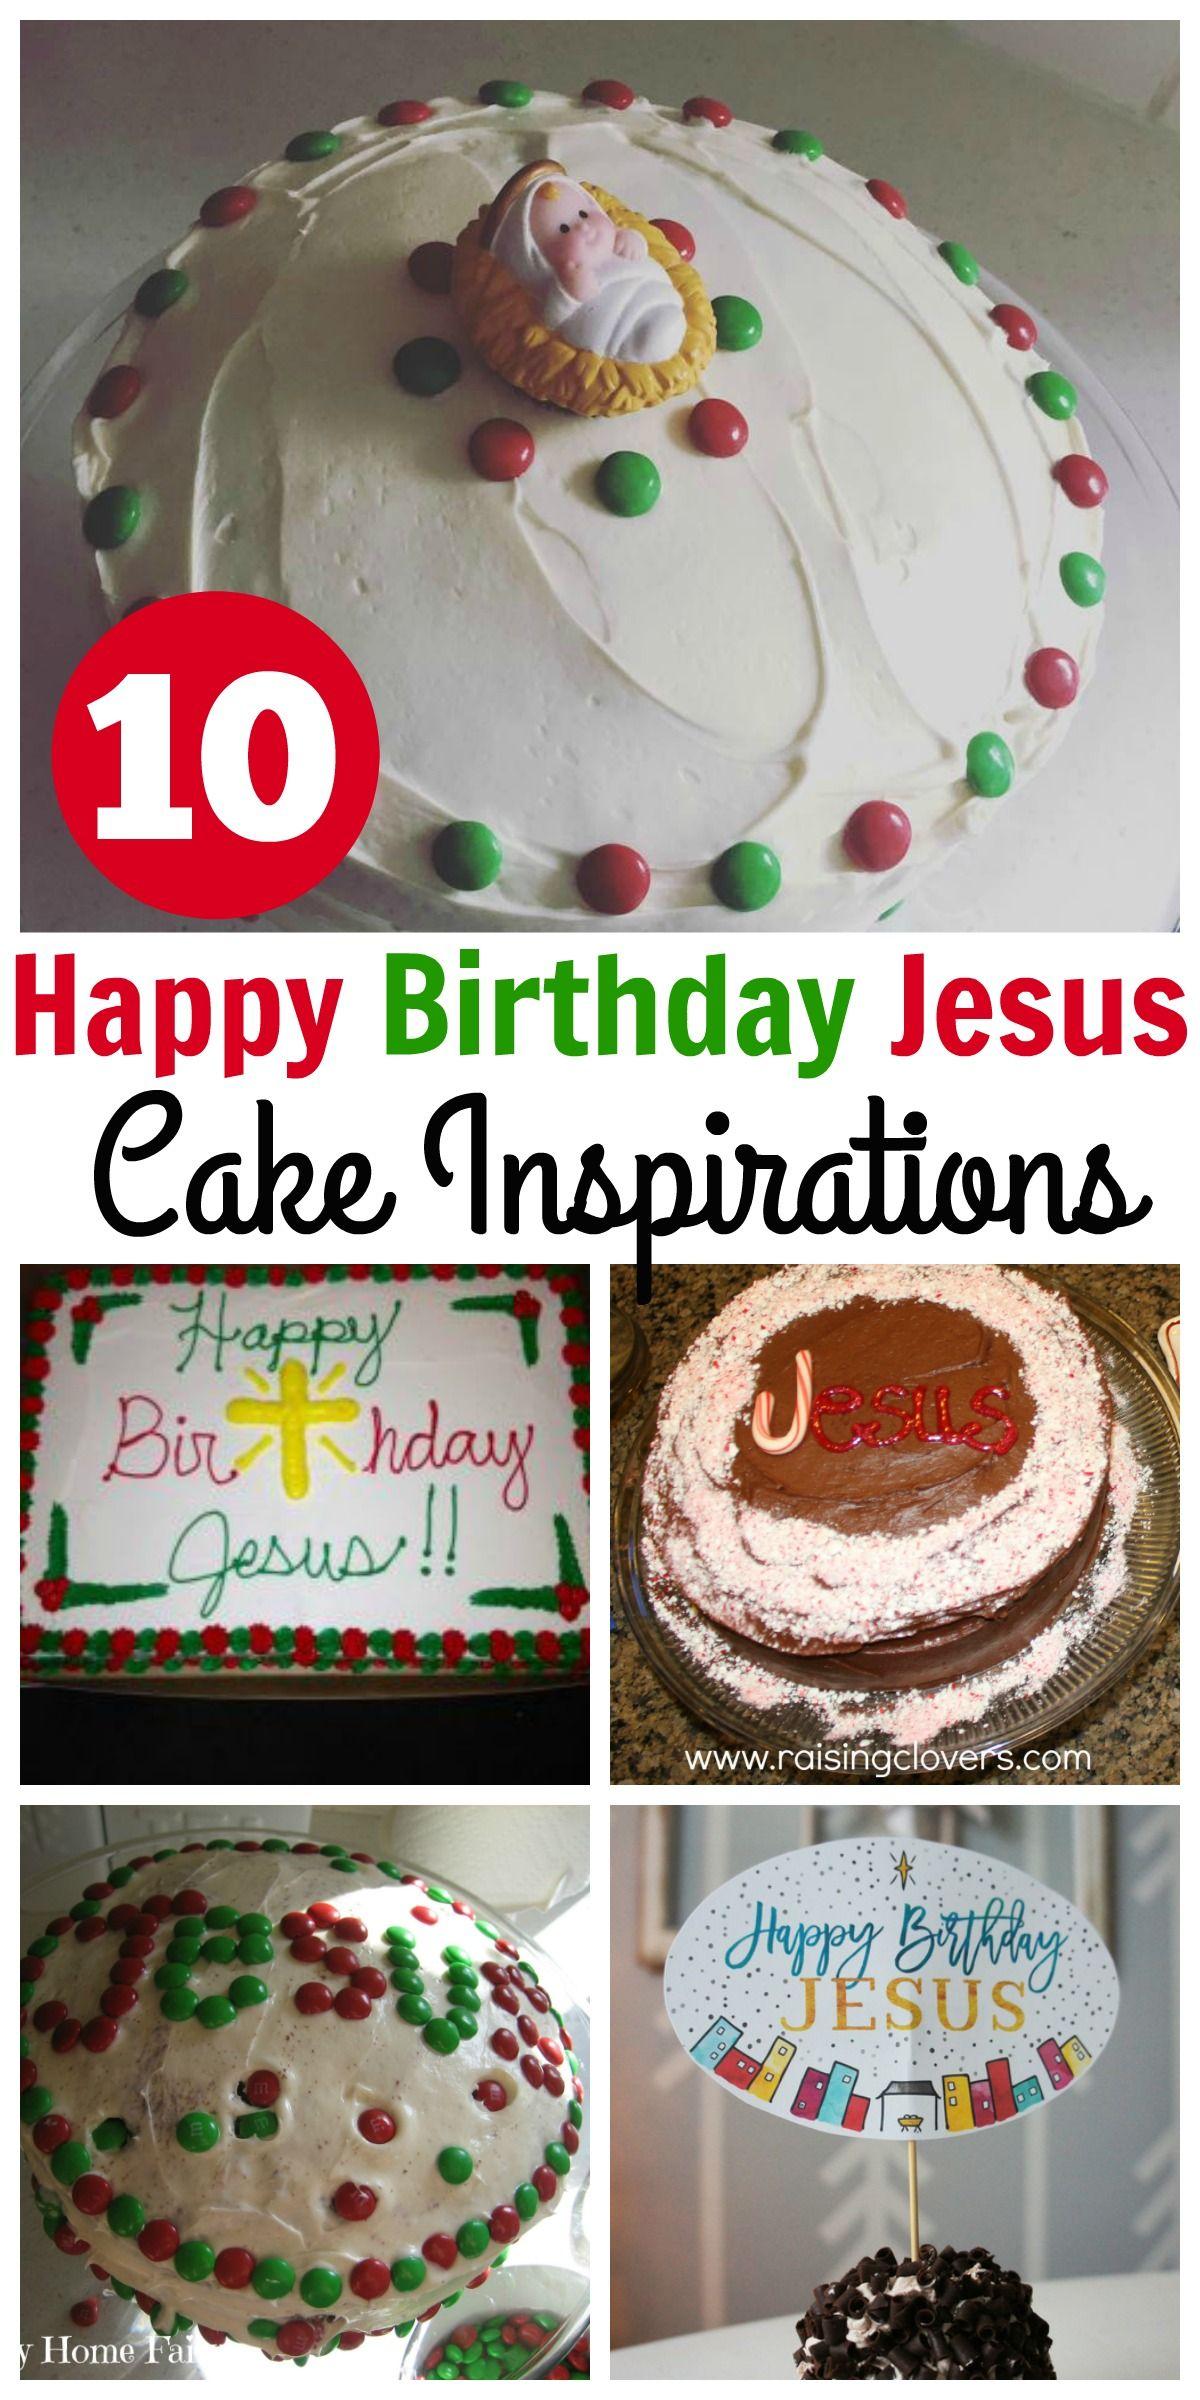 Happy Birthday Jesus Cake Ideas Happy Birthday Jesus Unique